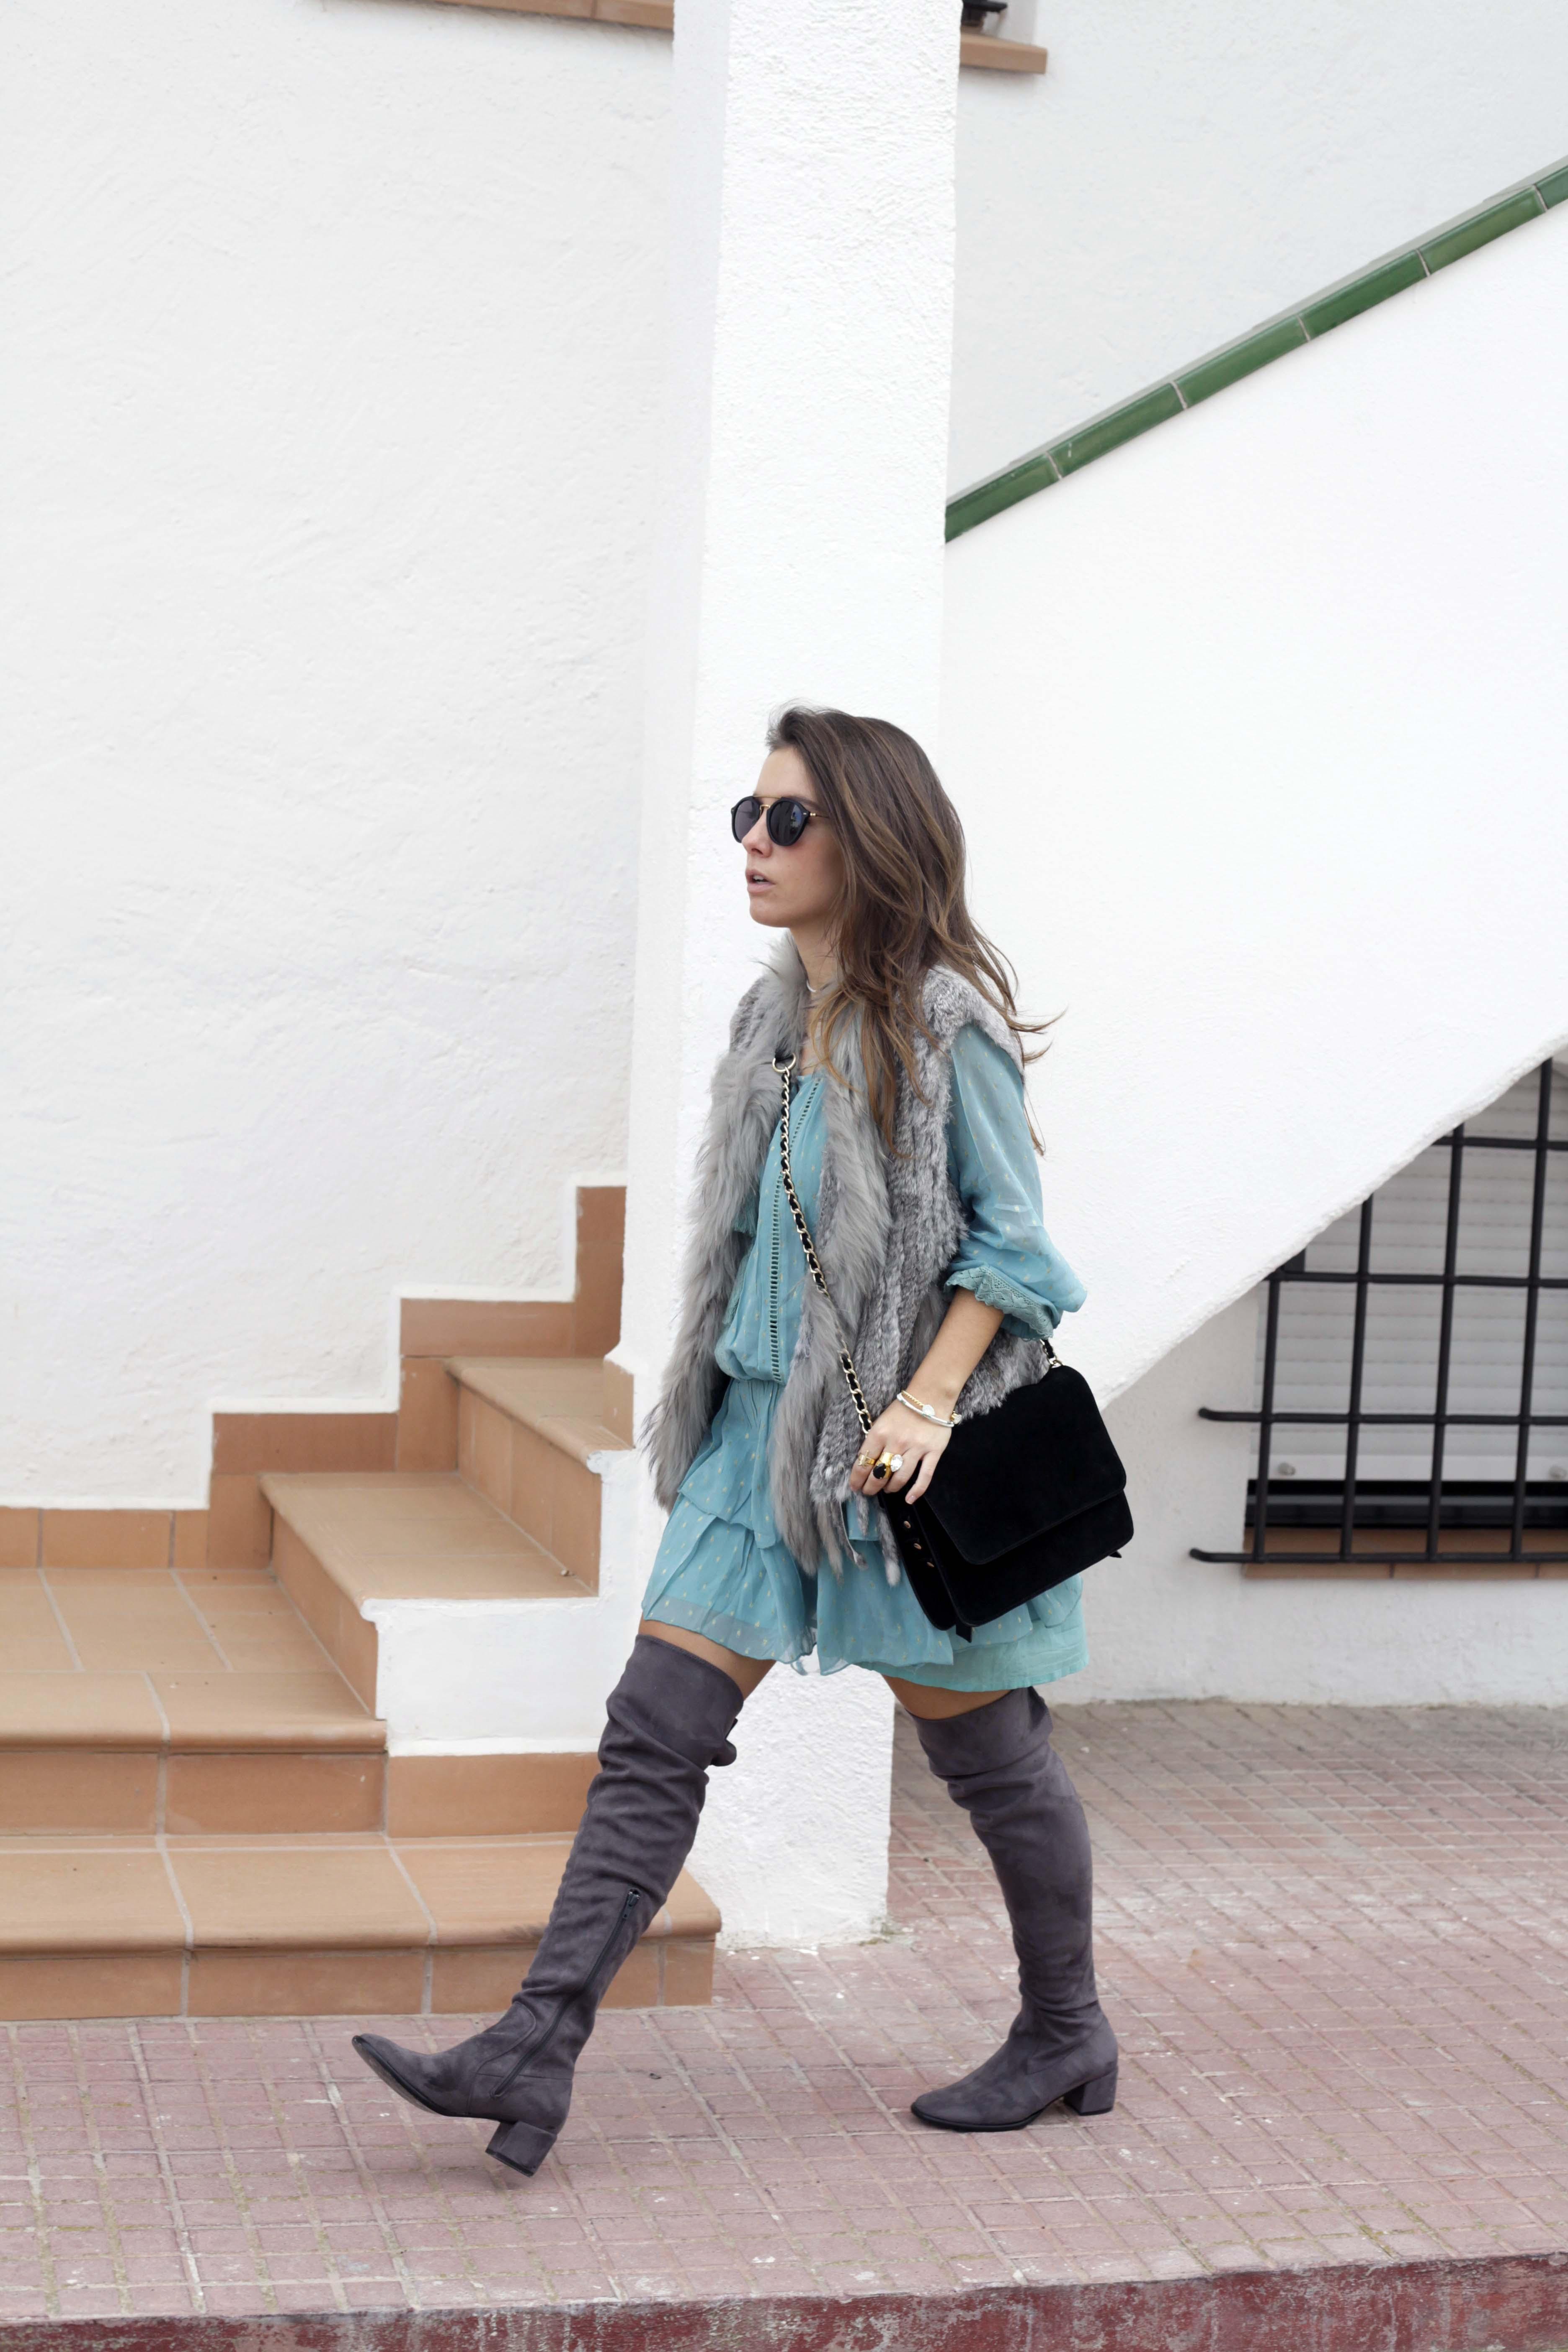 01_vestido_turquesa_y_botas_altas_girses_casual_look_theguestgirl_fashion_blogger_barcelona